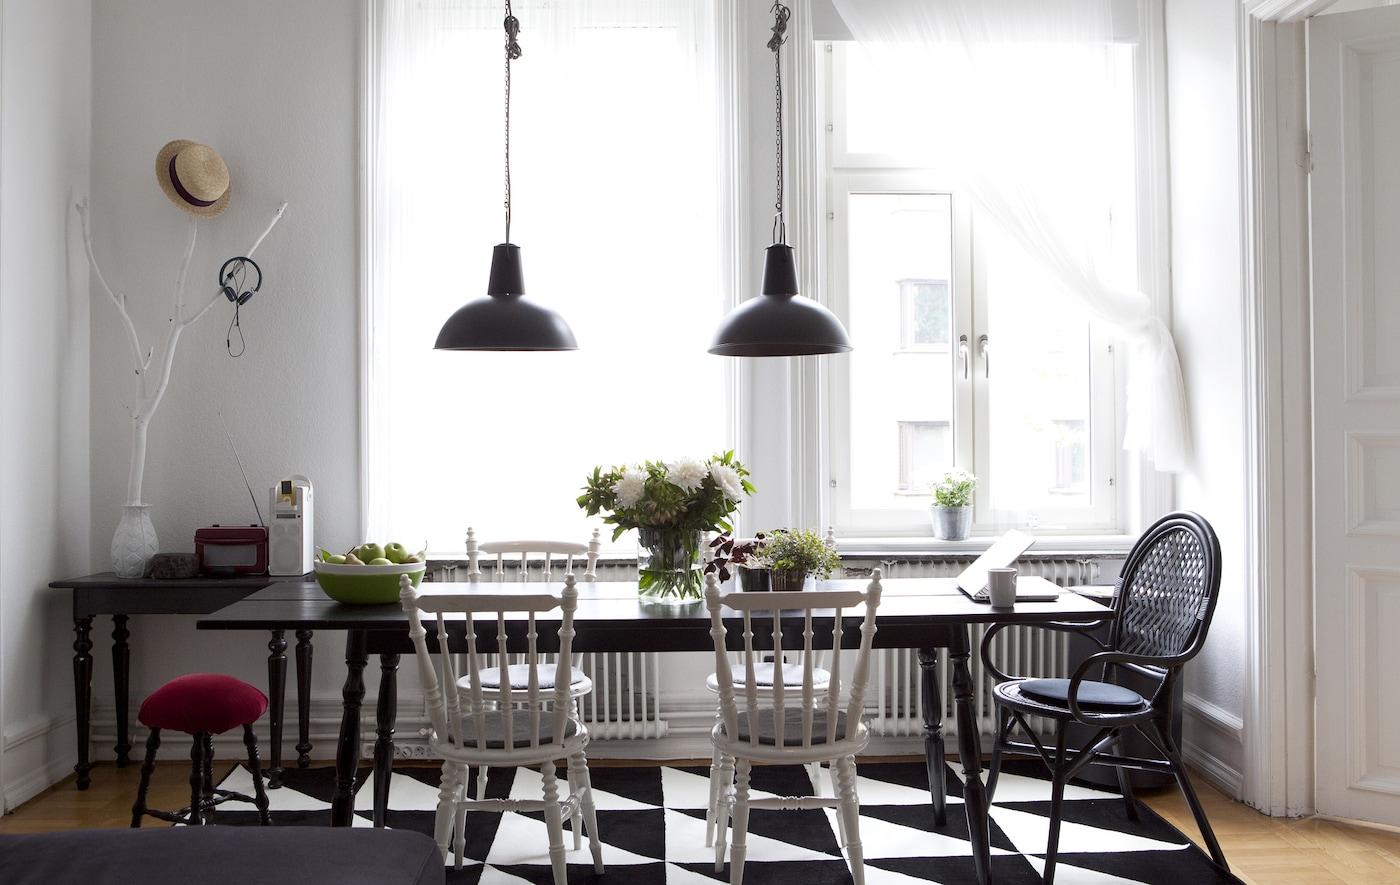 zuhause arbeiten und wohnen ikea. Black Bedroom Furniture Sets. Home Design Ideas